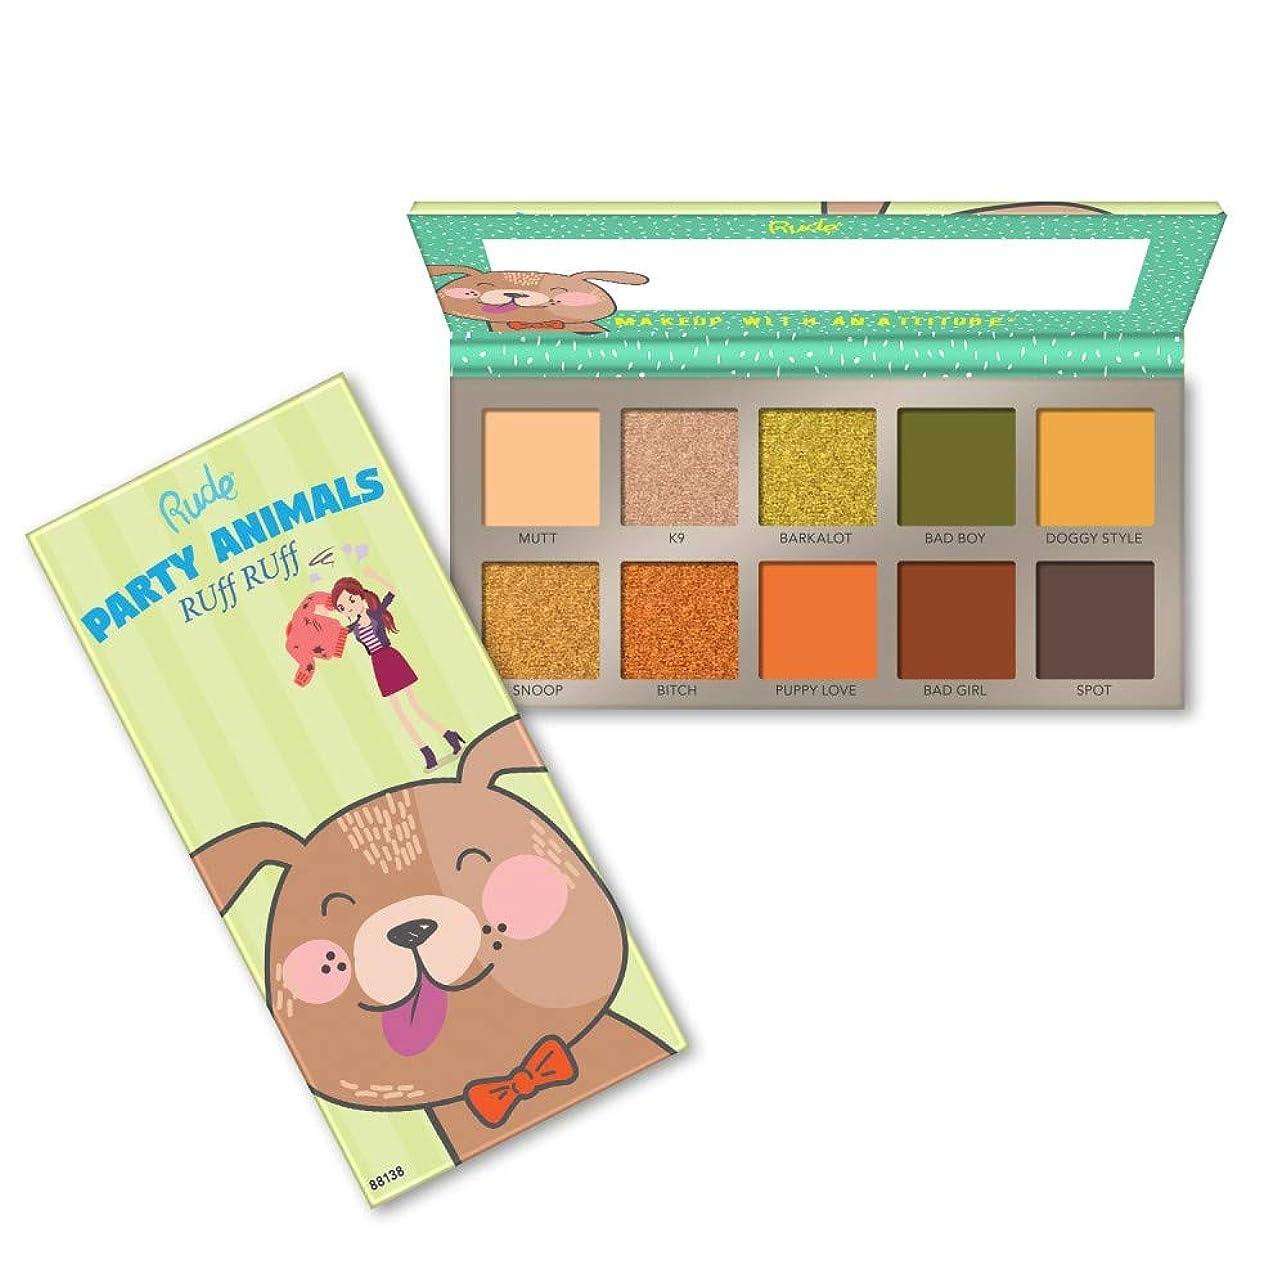 フィッティング正当な細断RUDE? Party Animals 10 Eyeshadow Palette - RUff RUff (並行輸入品)